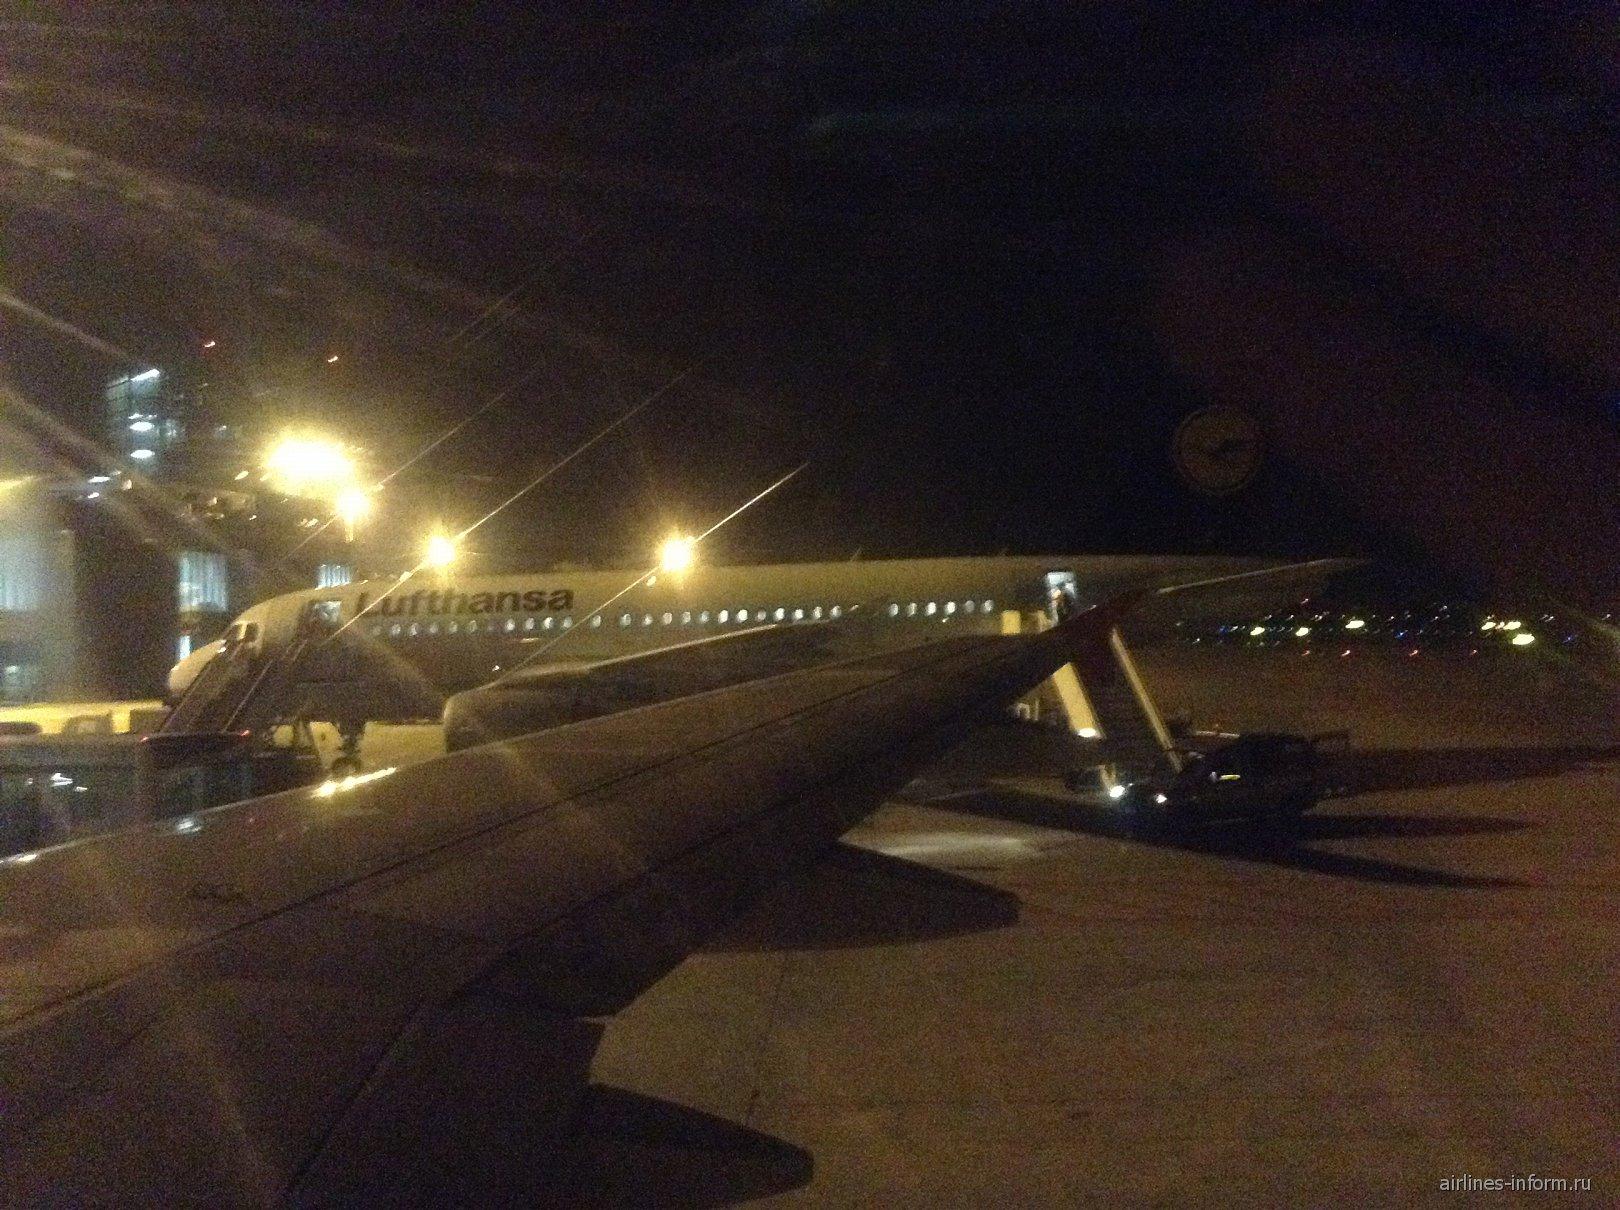 Когда приземлились подъехал Airbus Lufthansa